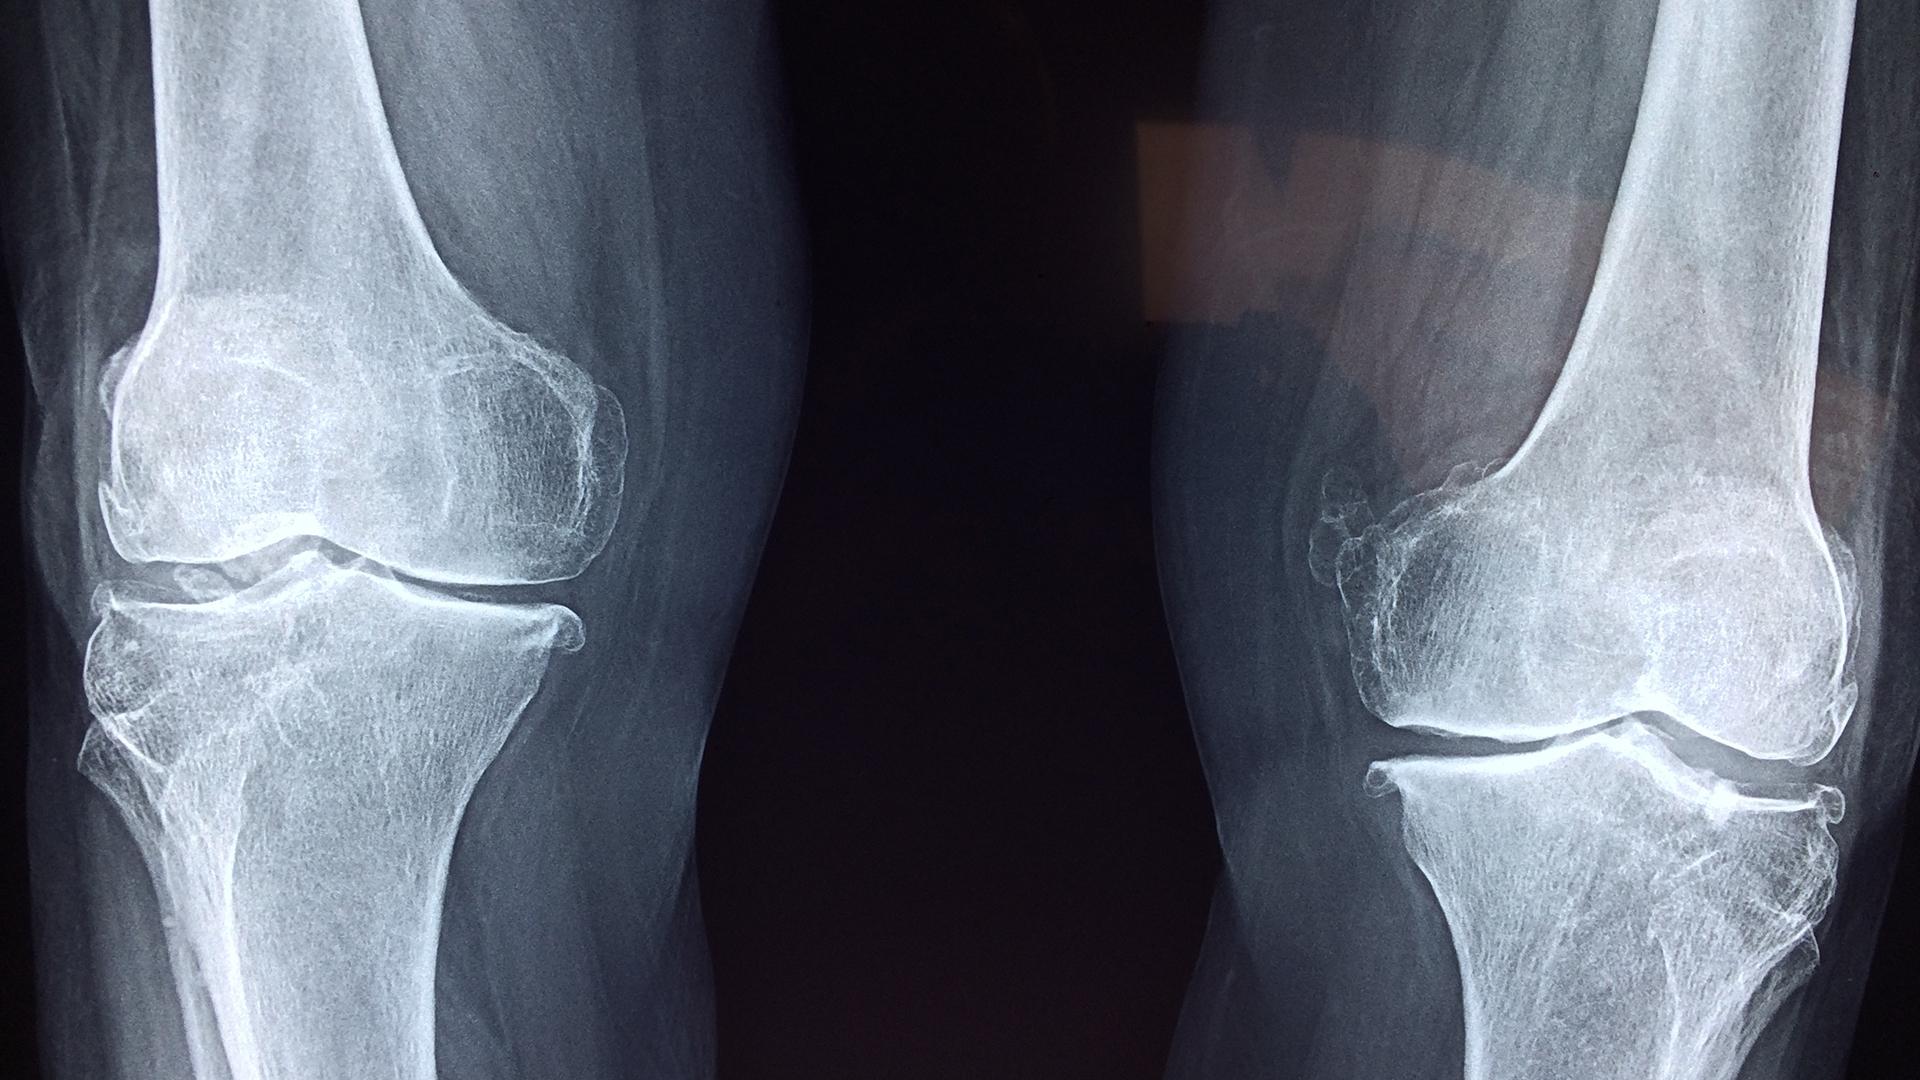 Bei chronisch entzündlichen Darmkrankheiten das Osteoporose-Risiko mit Mikronährstoffen senken